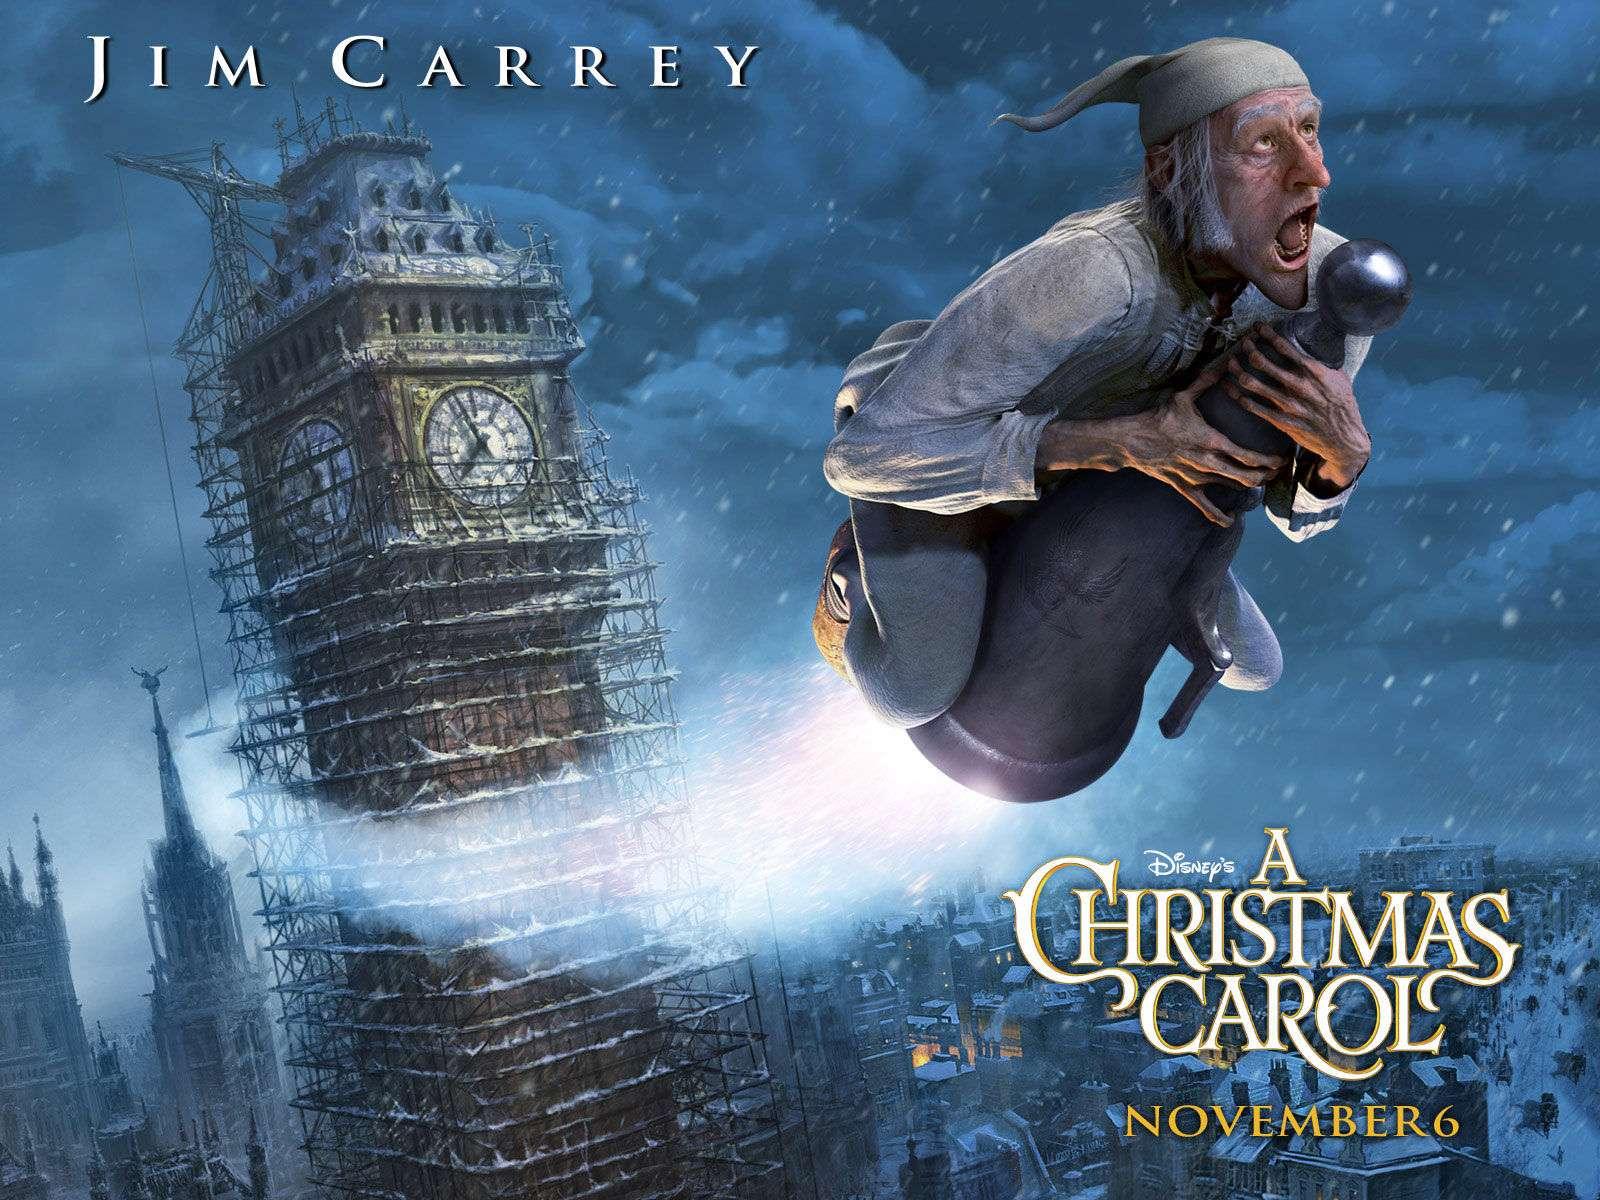 Το πρώτο πνεύμα είναι τα Χριστούγεννα του παρελθόντος. Ο Σκρουτζ παρακολουθεί τους δρόμους των παιδικών του χρόνων. Το πνεύμα τον οδηγεί στο σχολείο.